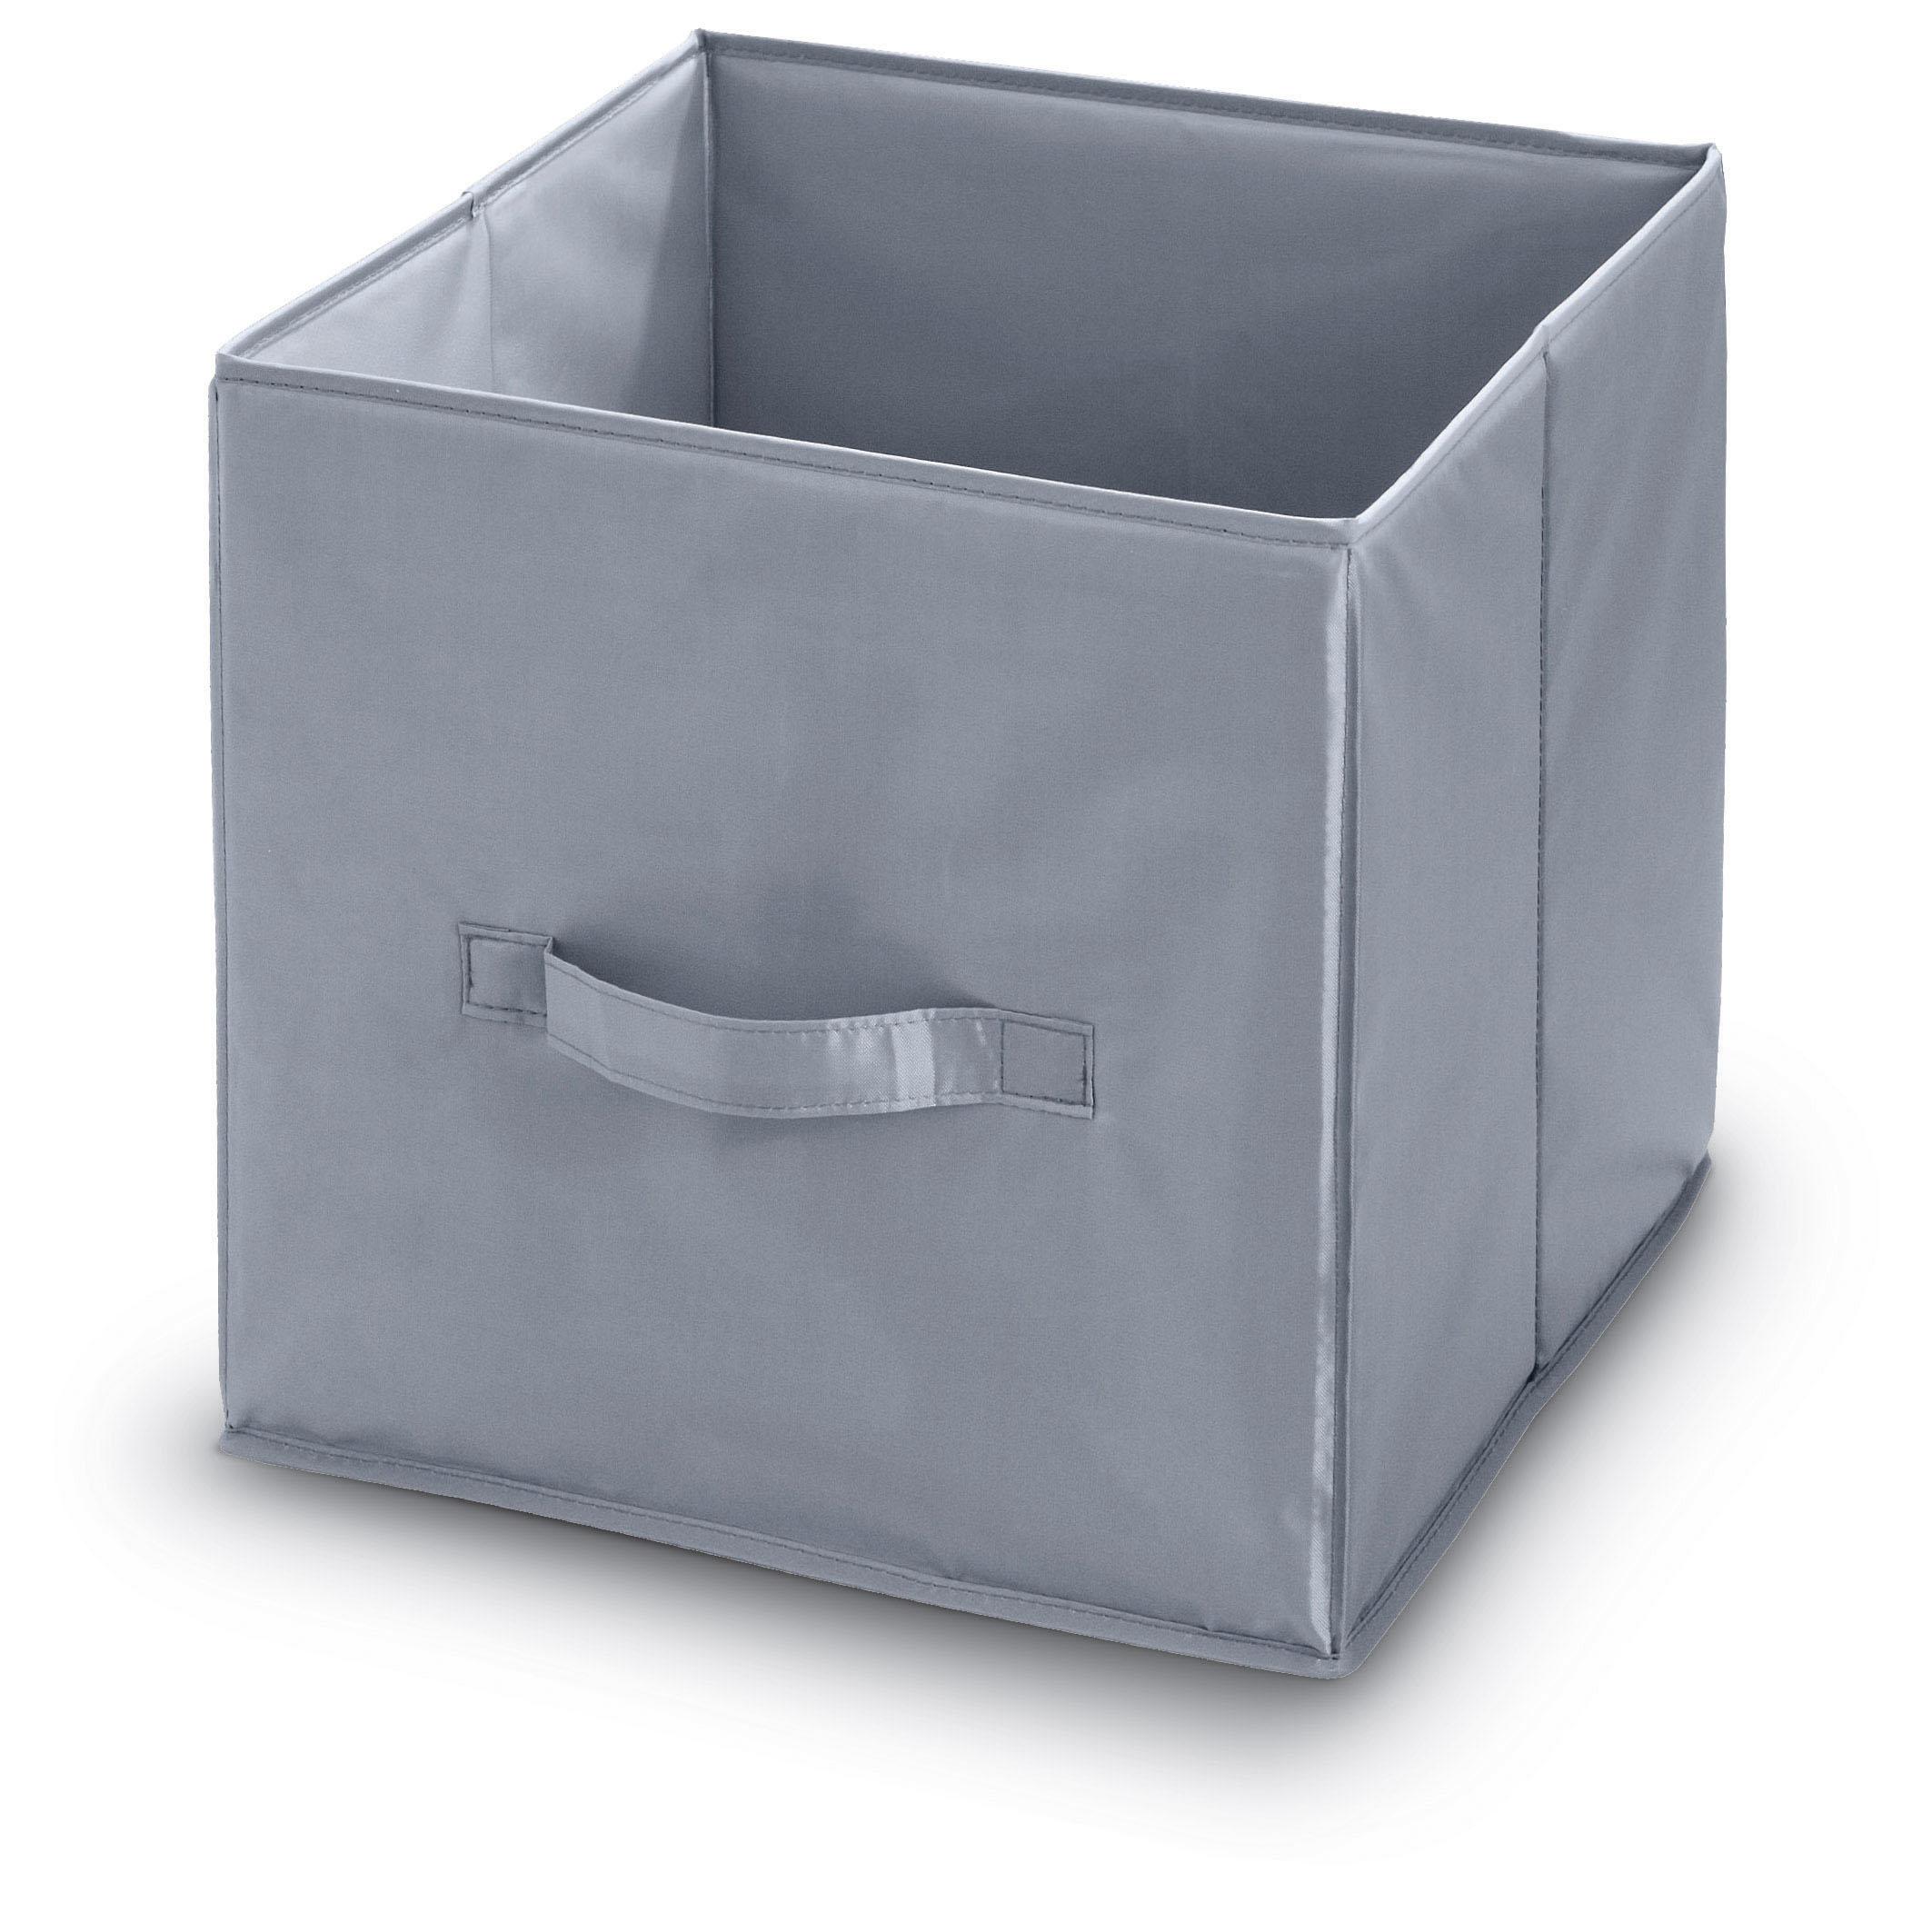 DOMOPAK Living Úložný box s poutkem šedý Velikost: větší